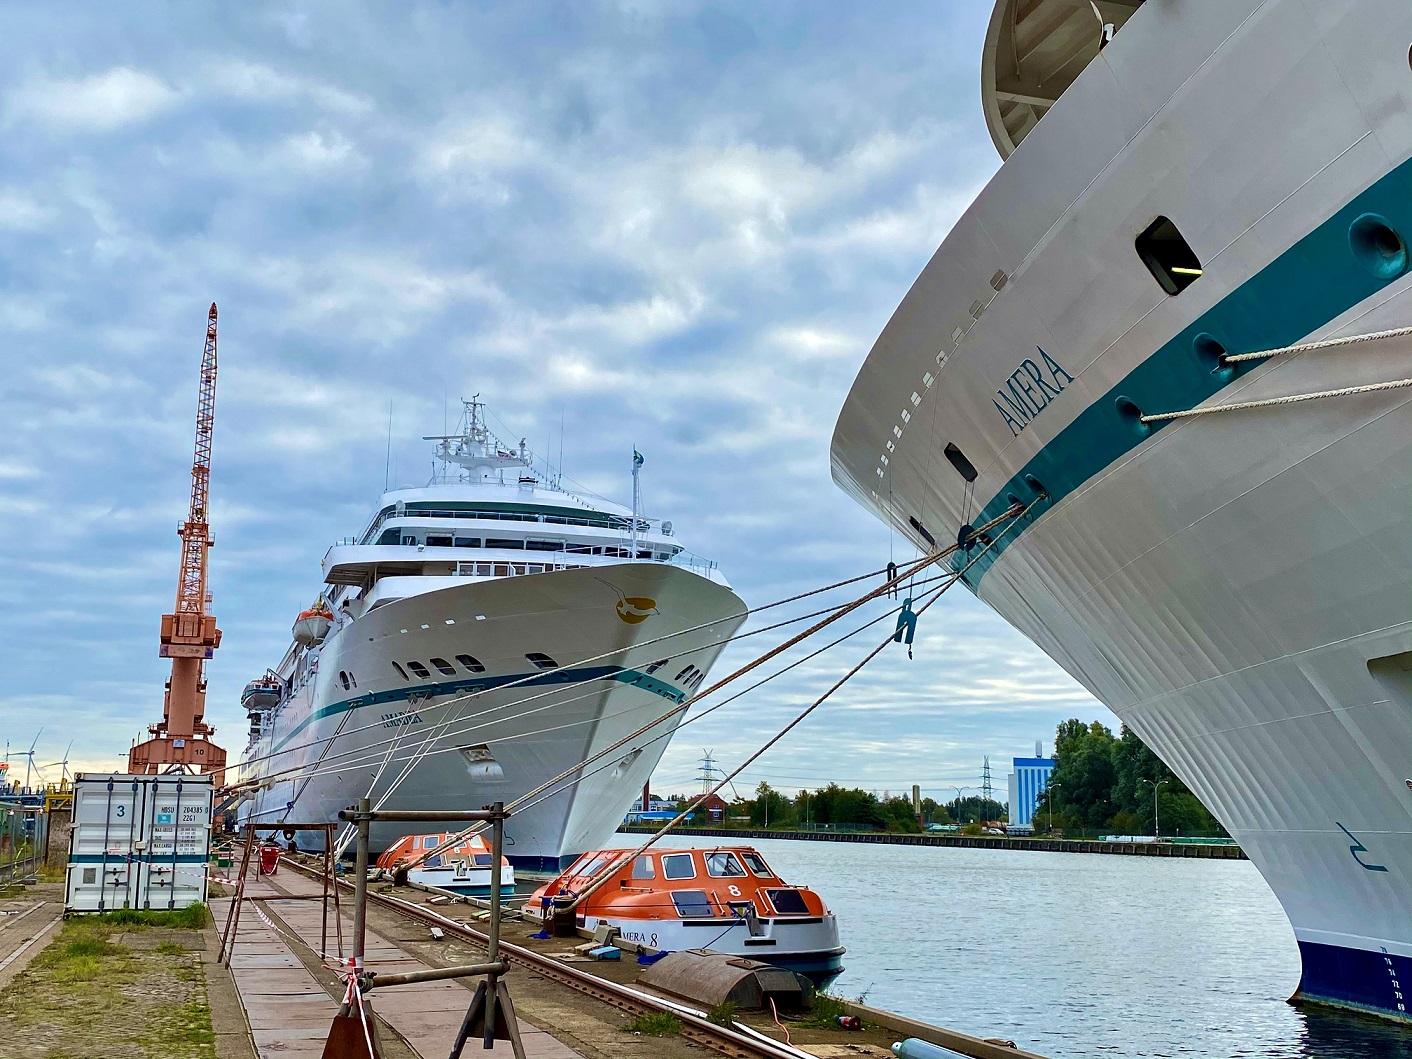 AMADEA und AMERA in Emden. Foto: Christoph Assies